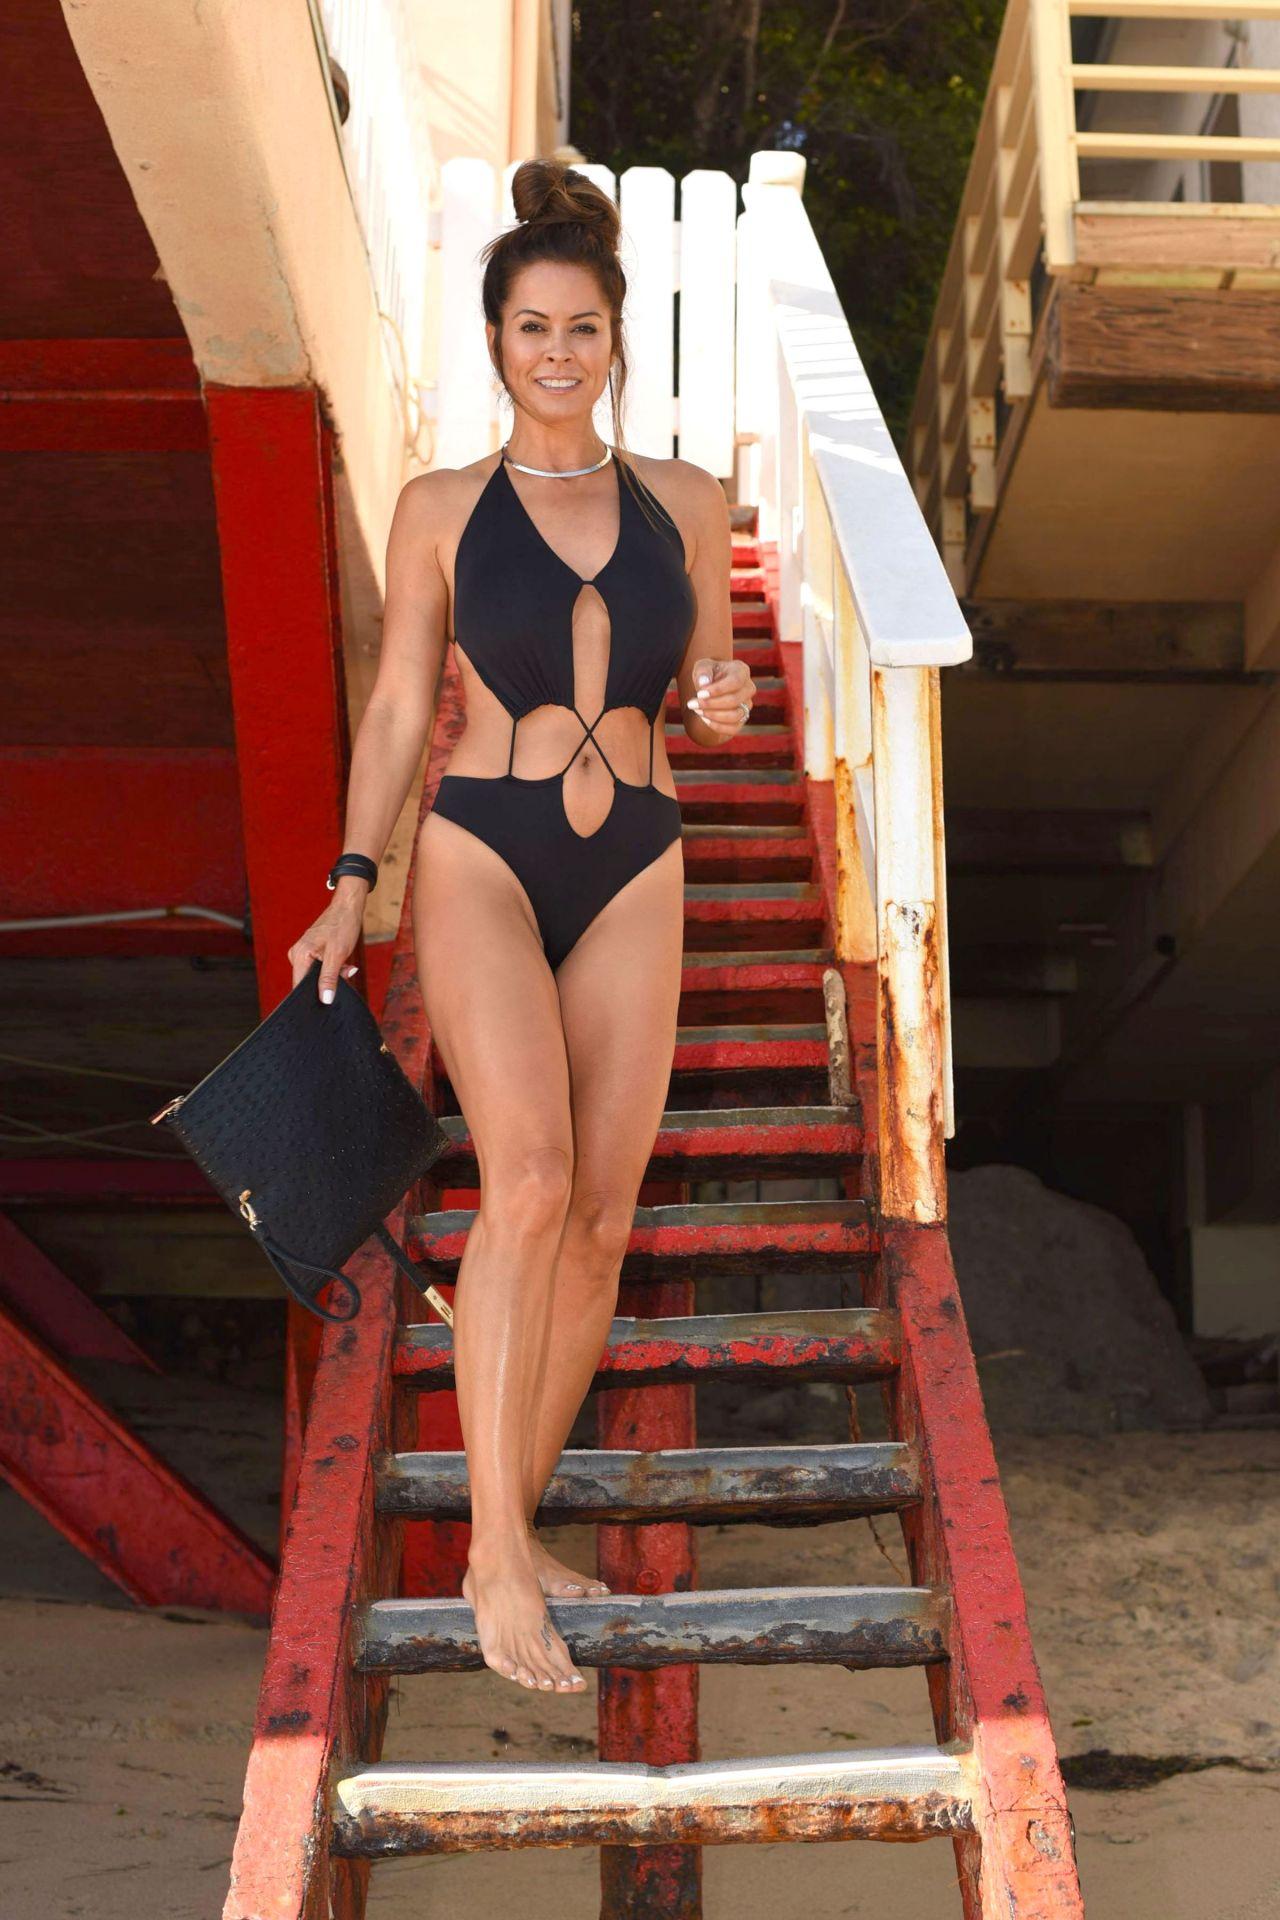 Erotica Brooke Burke-Charvet  naked (94 foto), Snapchat, butt